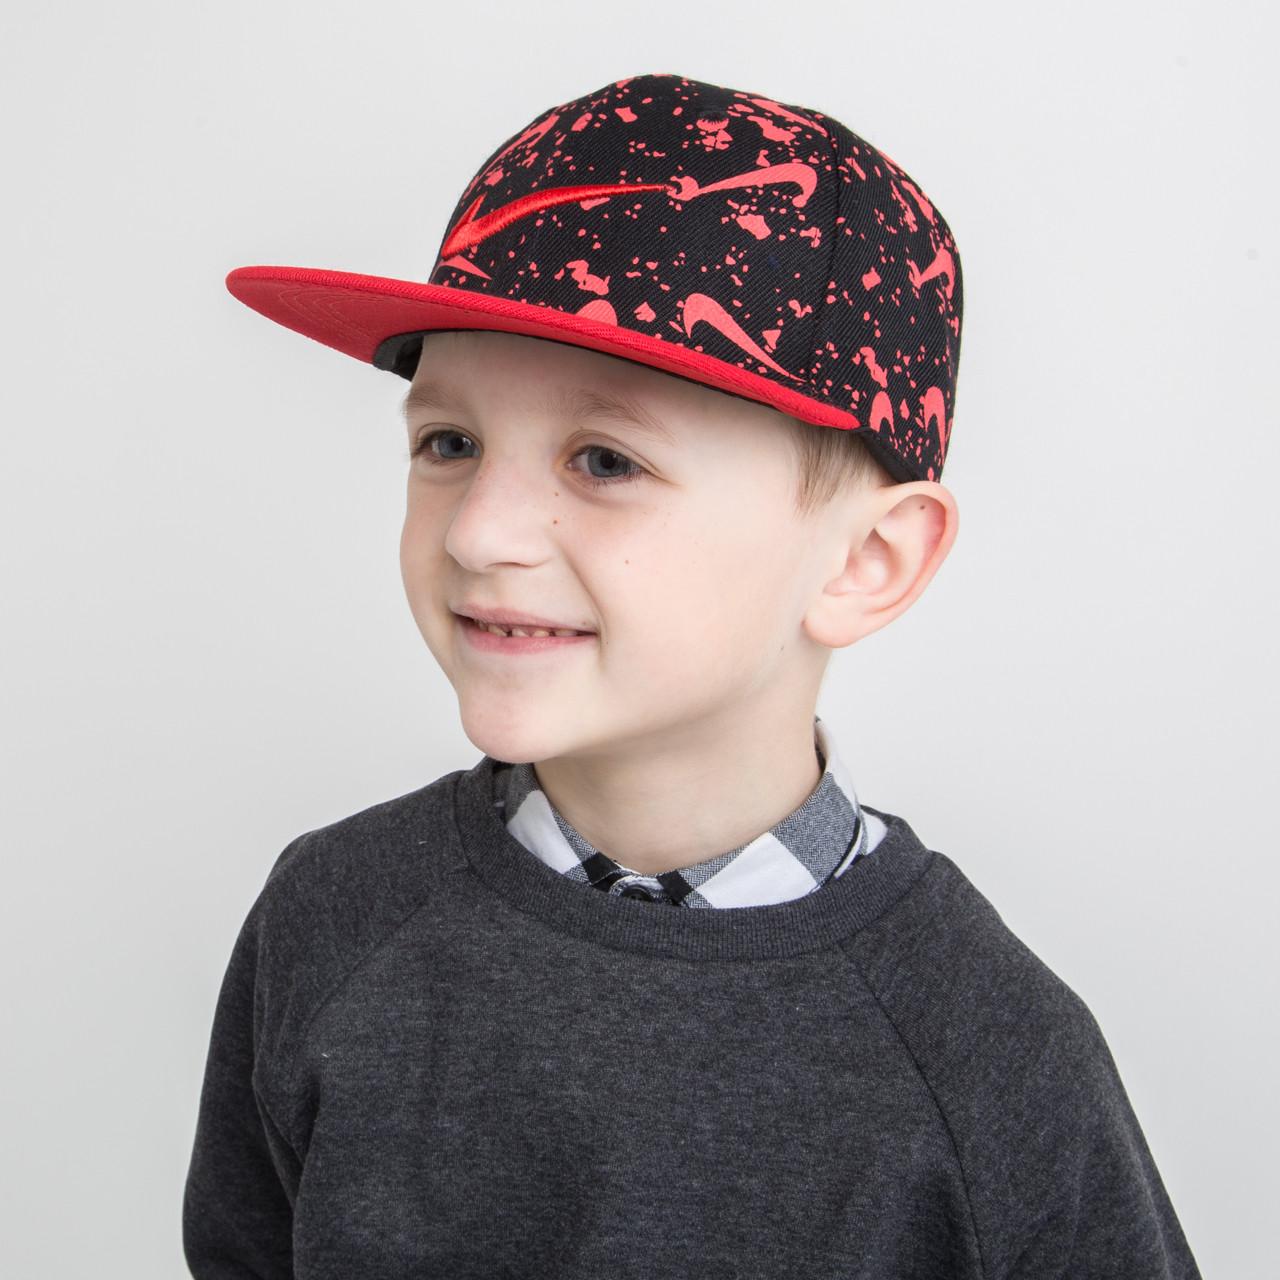 Стильная кепка Snapback для мальчика оптом - 82018-12